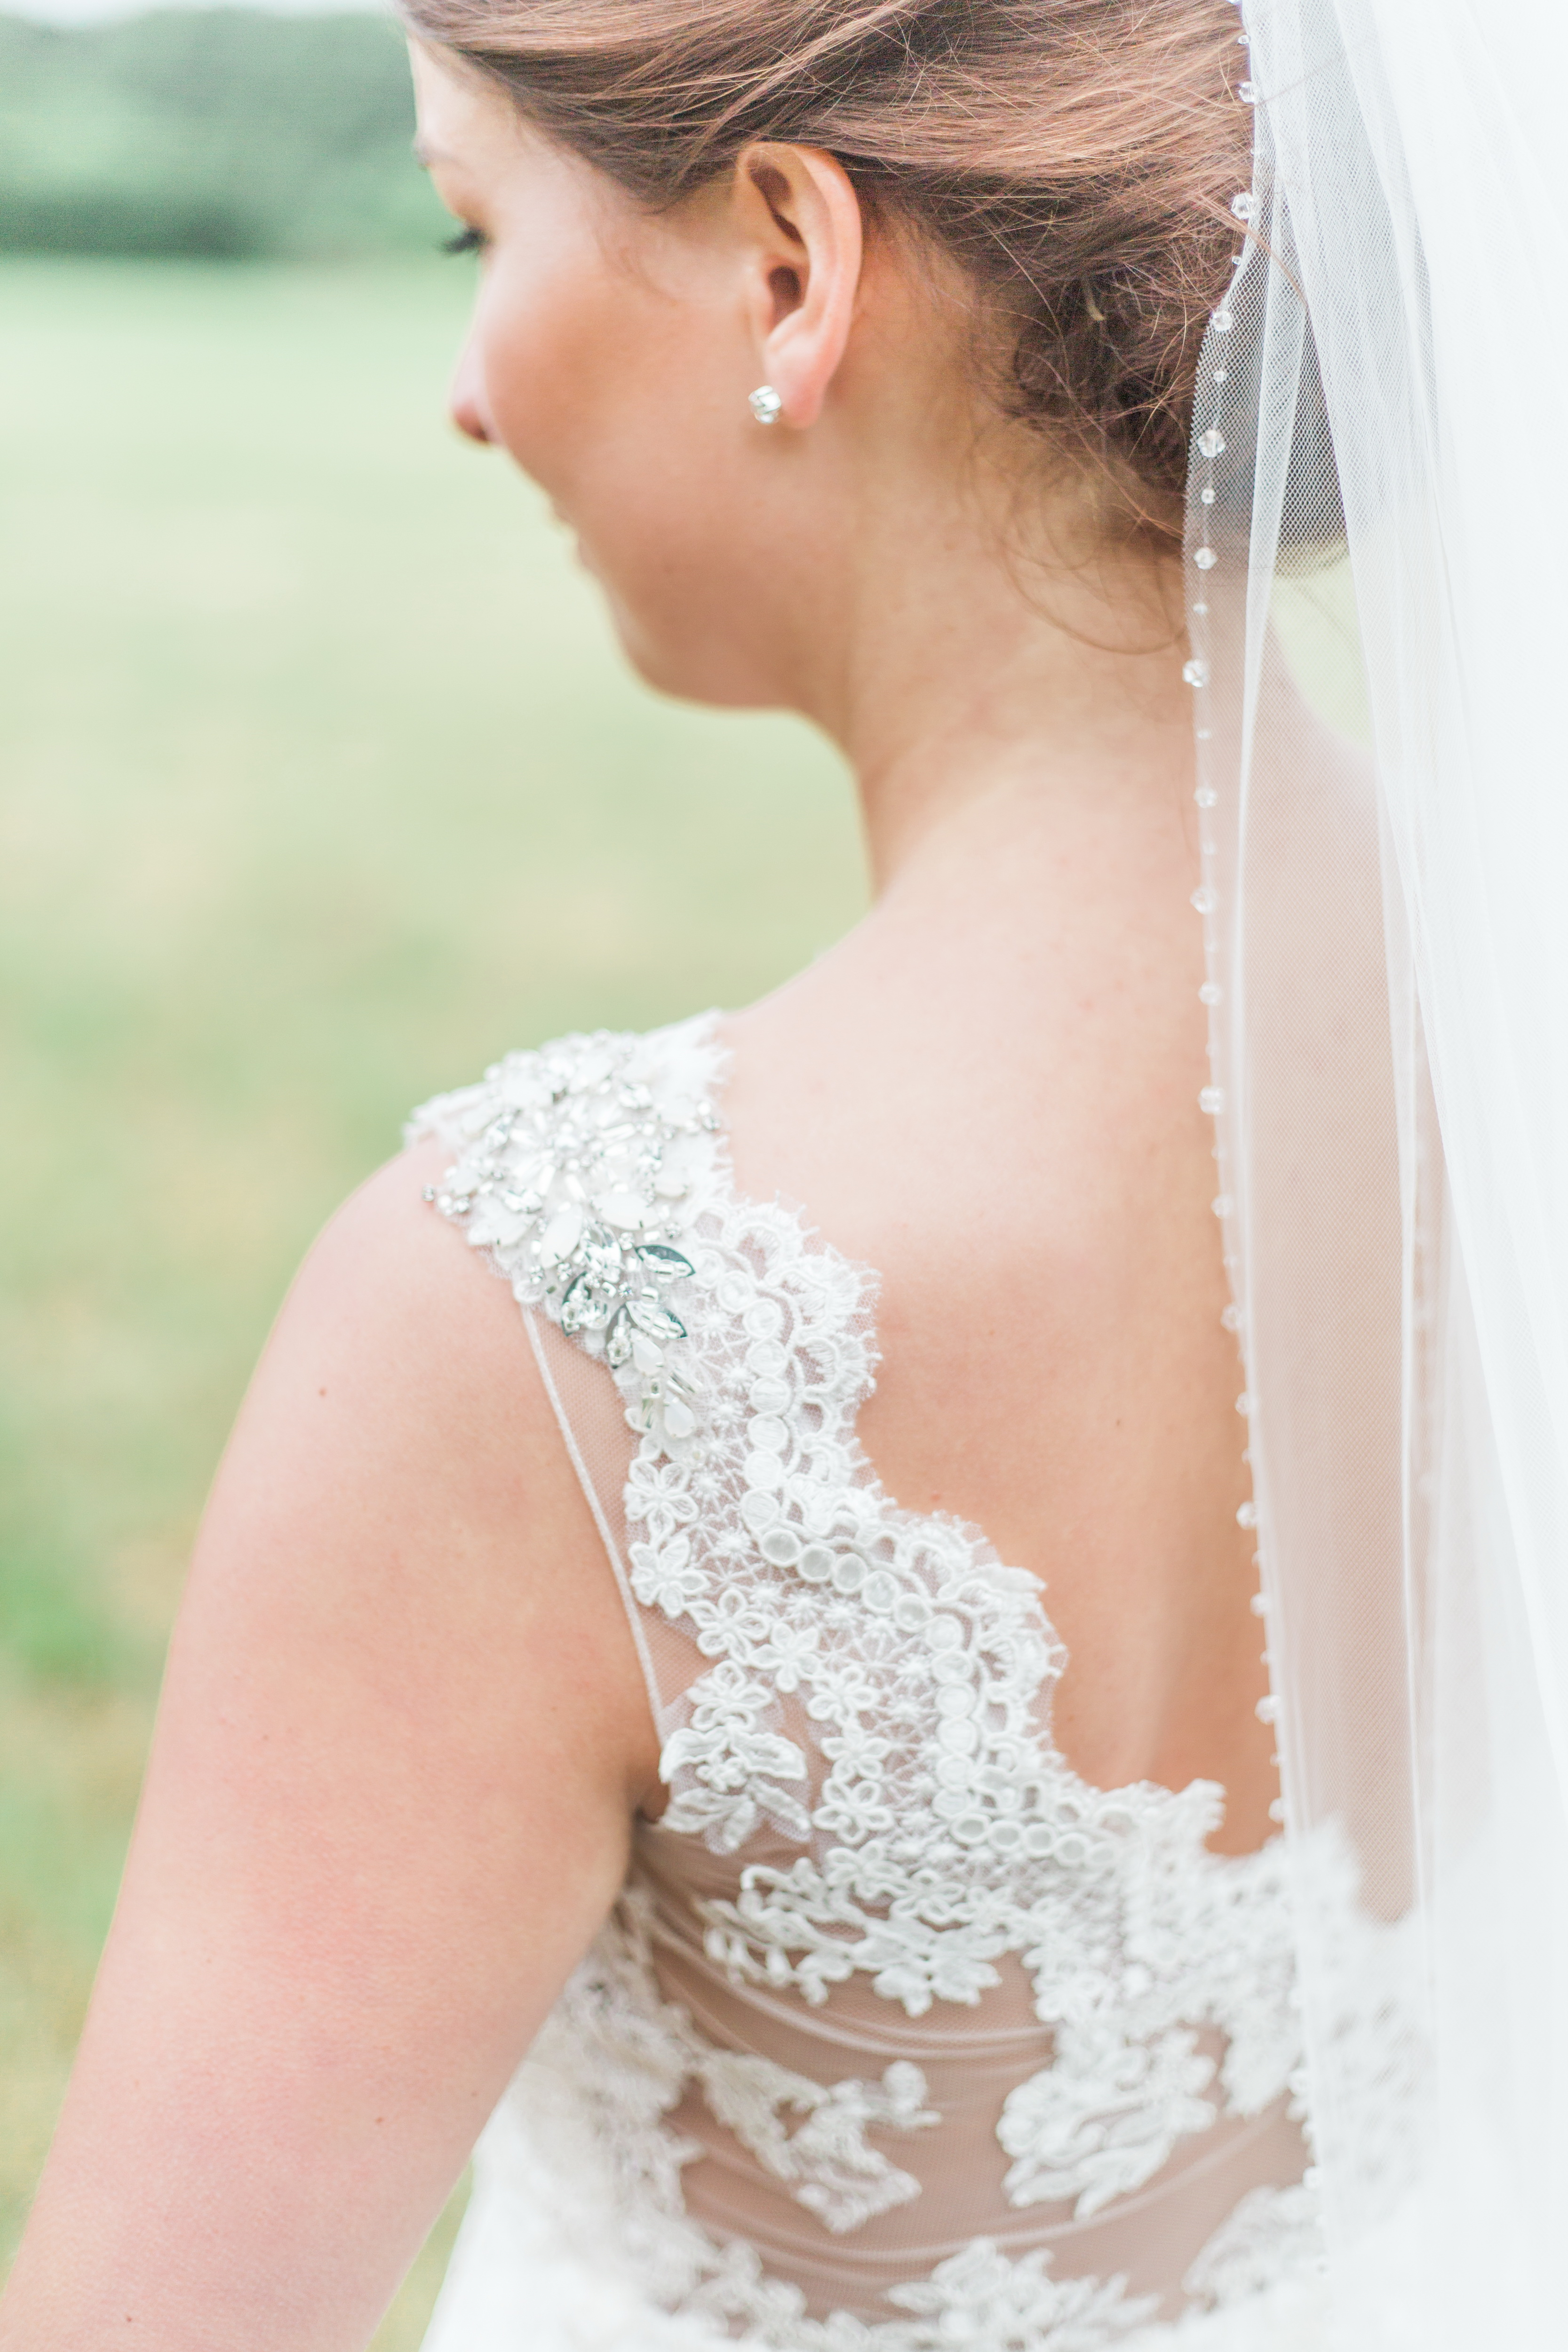 Wedding Pim & Marije - 08-06-2017 (152)